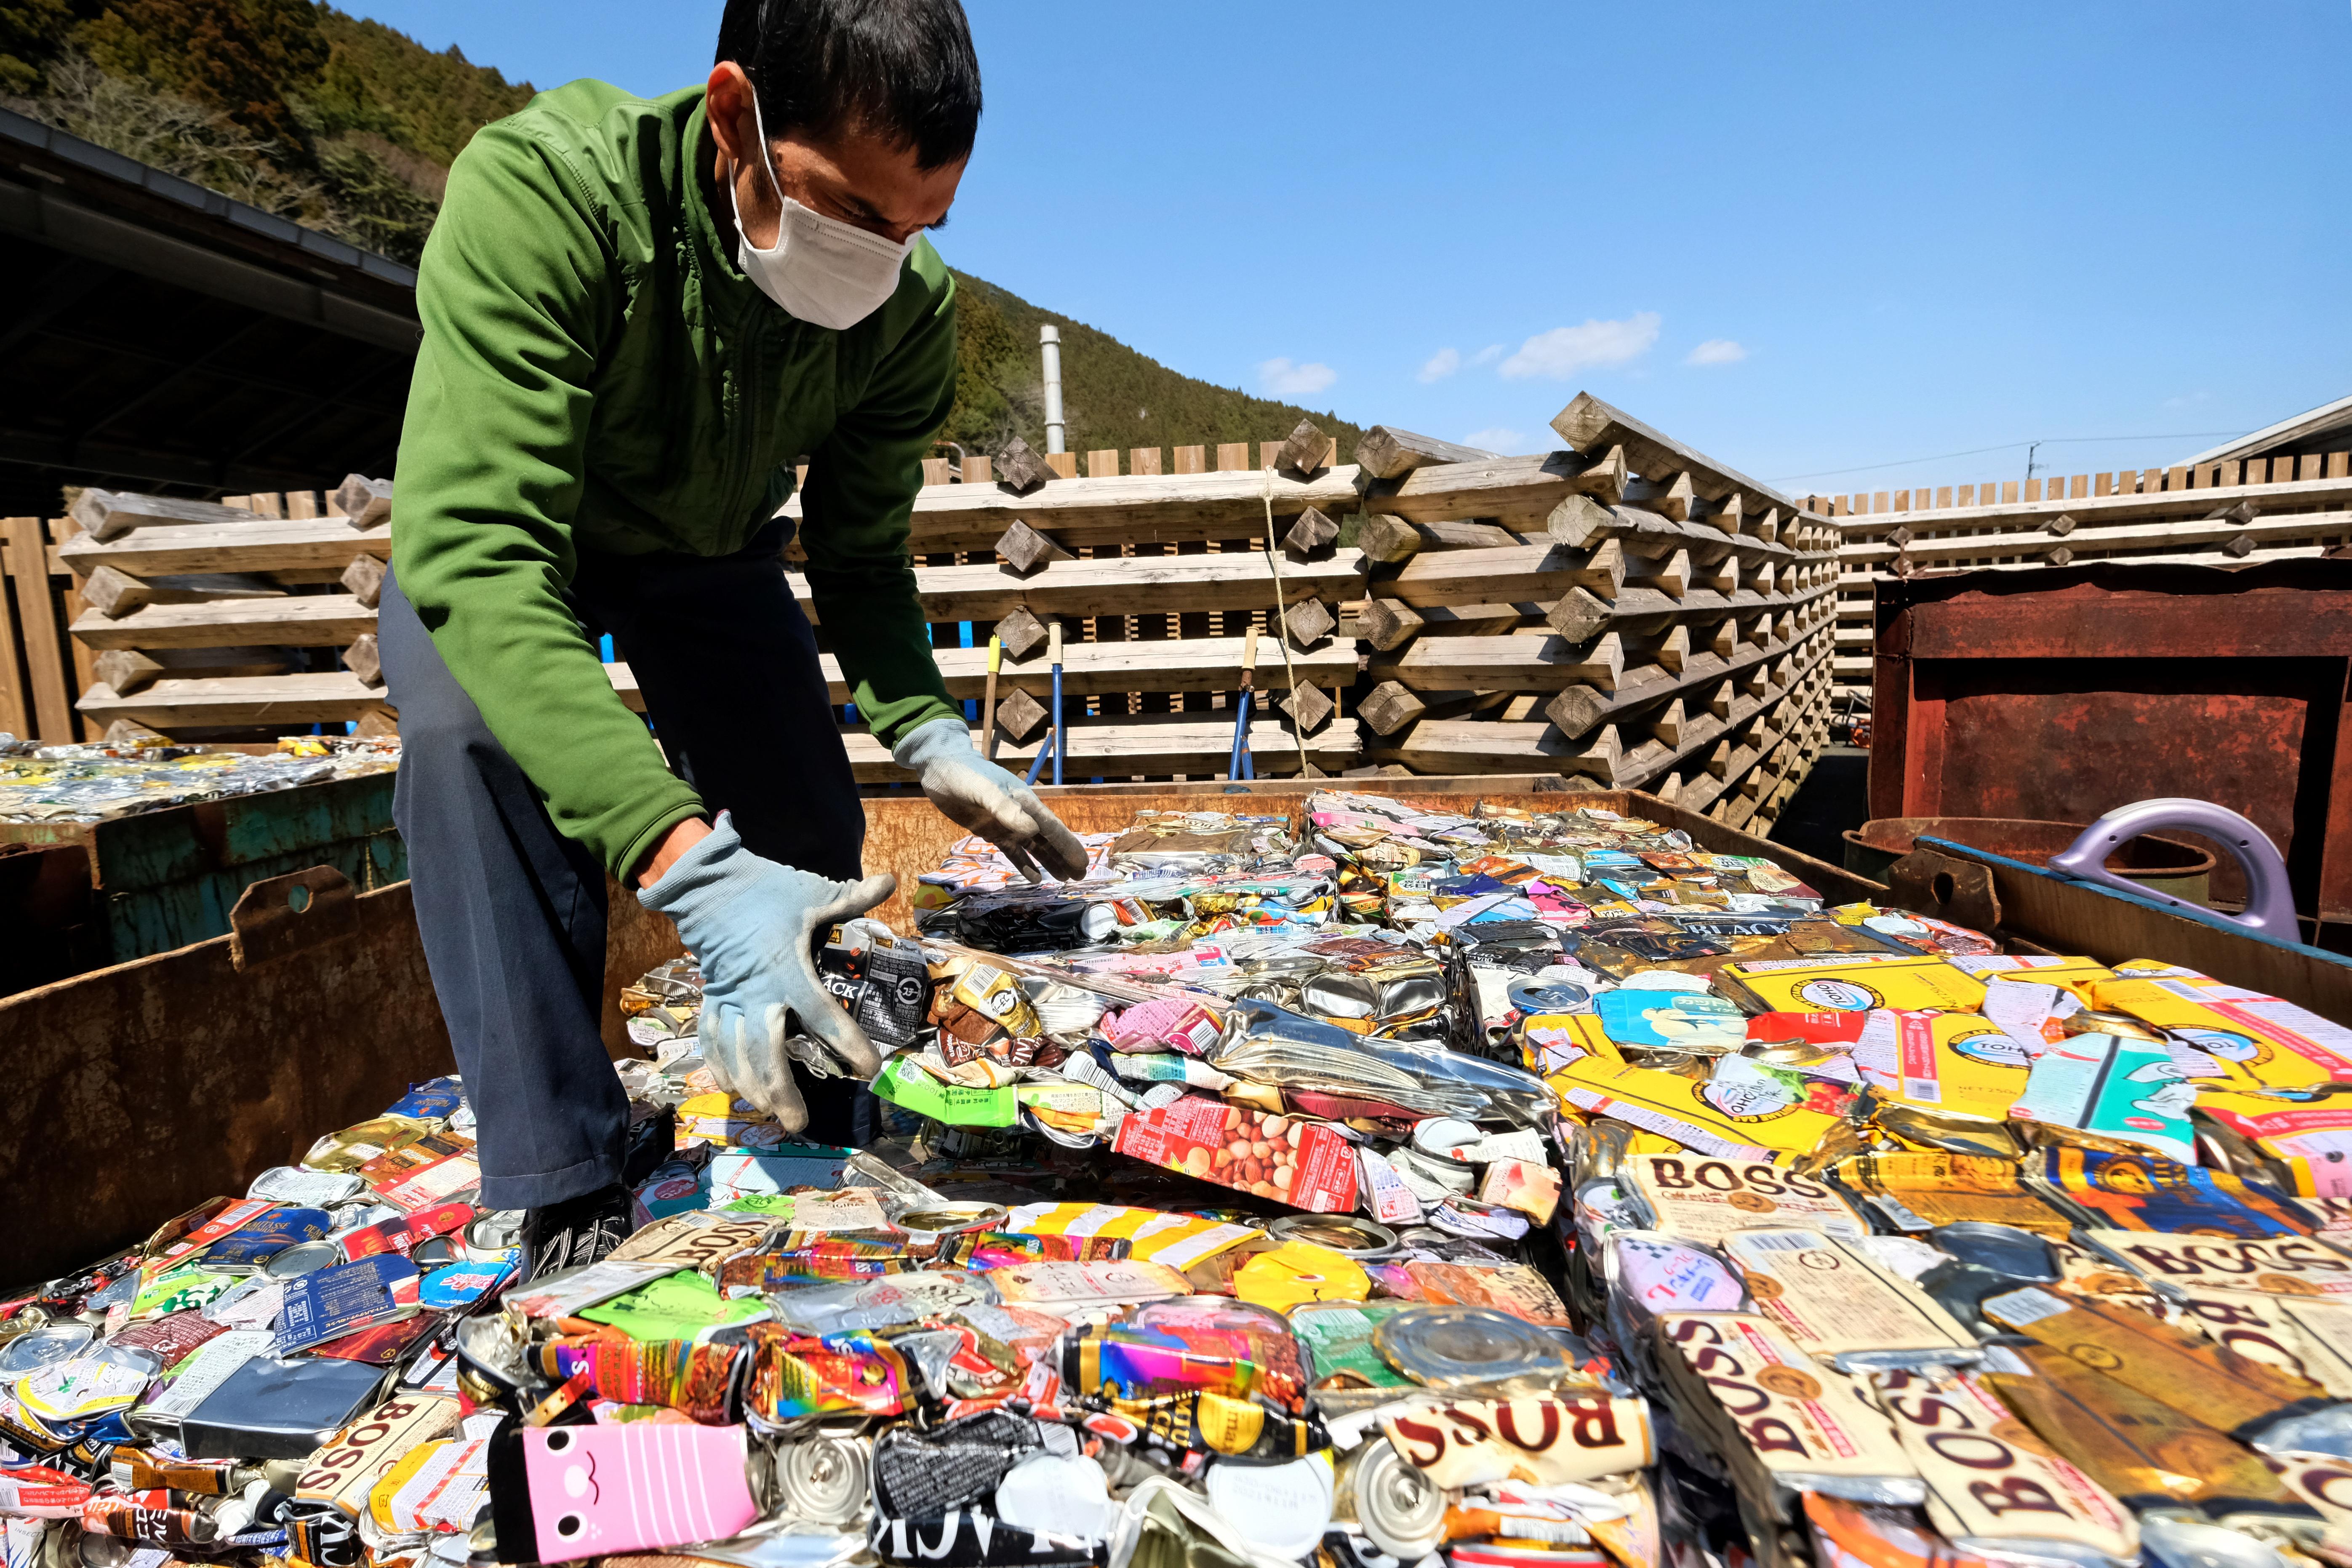 Teljesen hulladékmentes lehet egy japán város 2020-ra